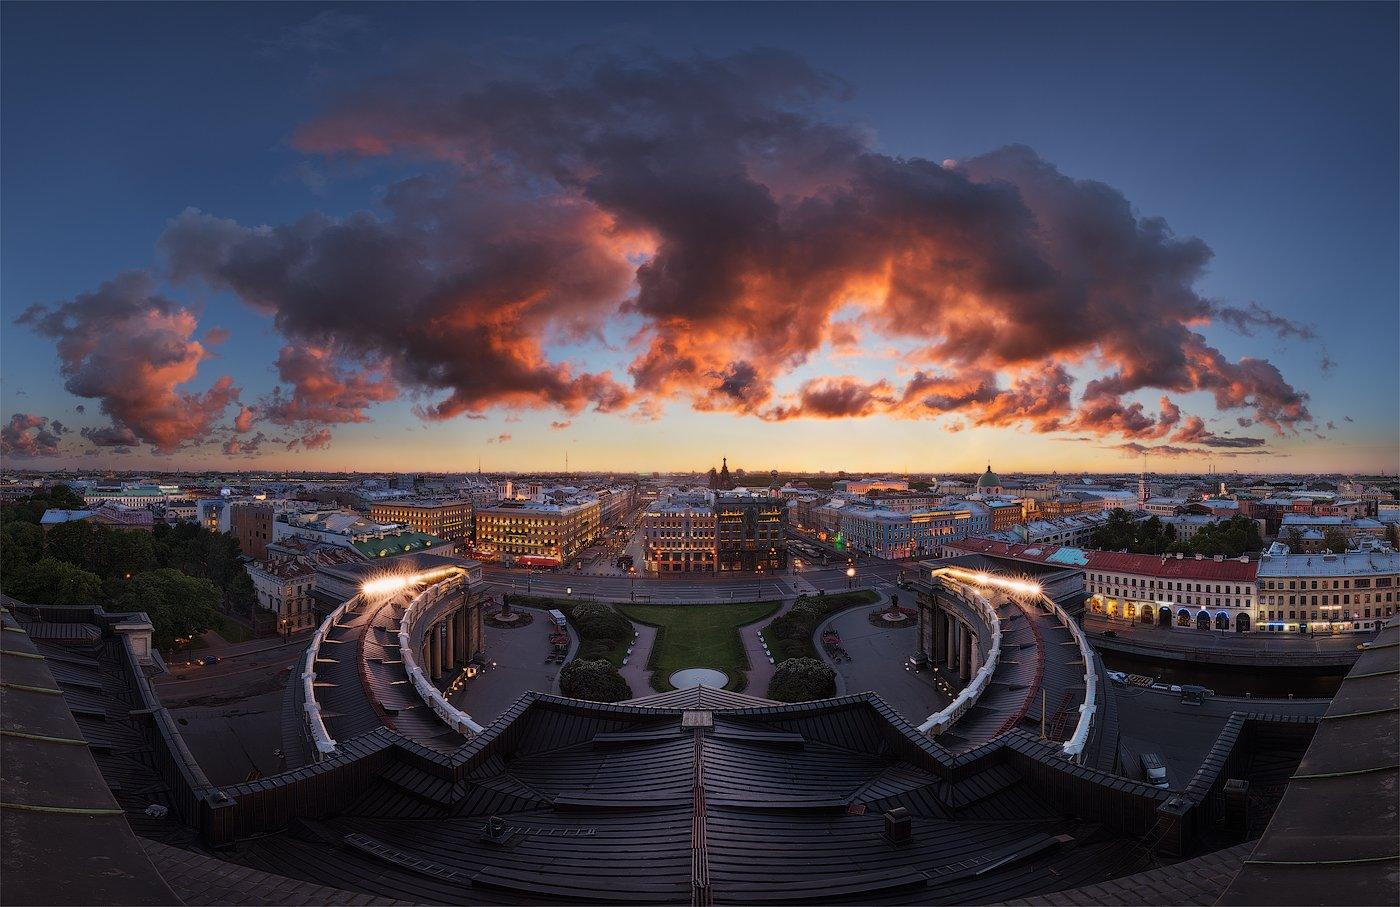 Казанский собор, Крыша, Невский проспект, Панорама, Рассвет, Санкт петербург, Утро, Sergey Louks